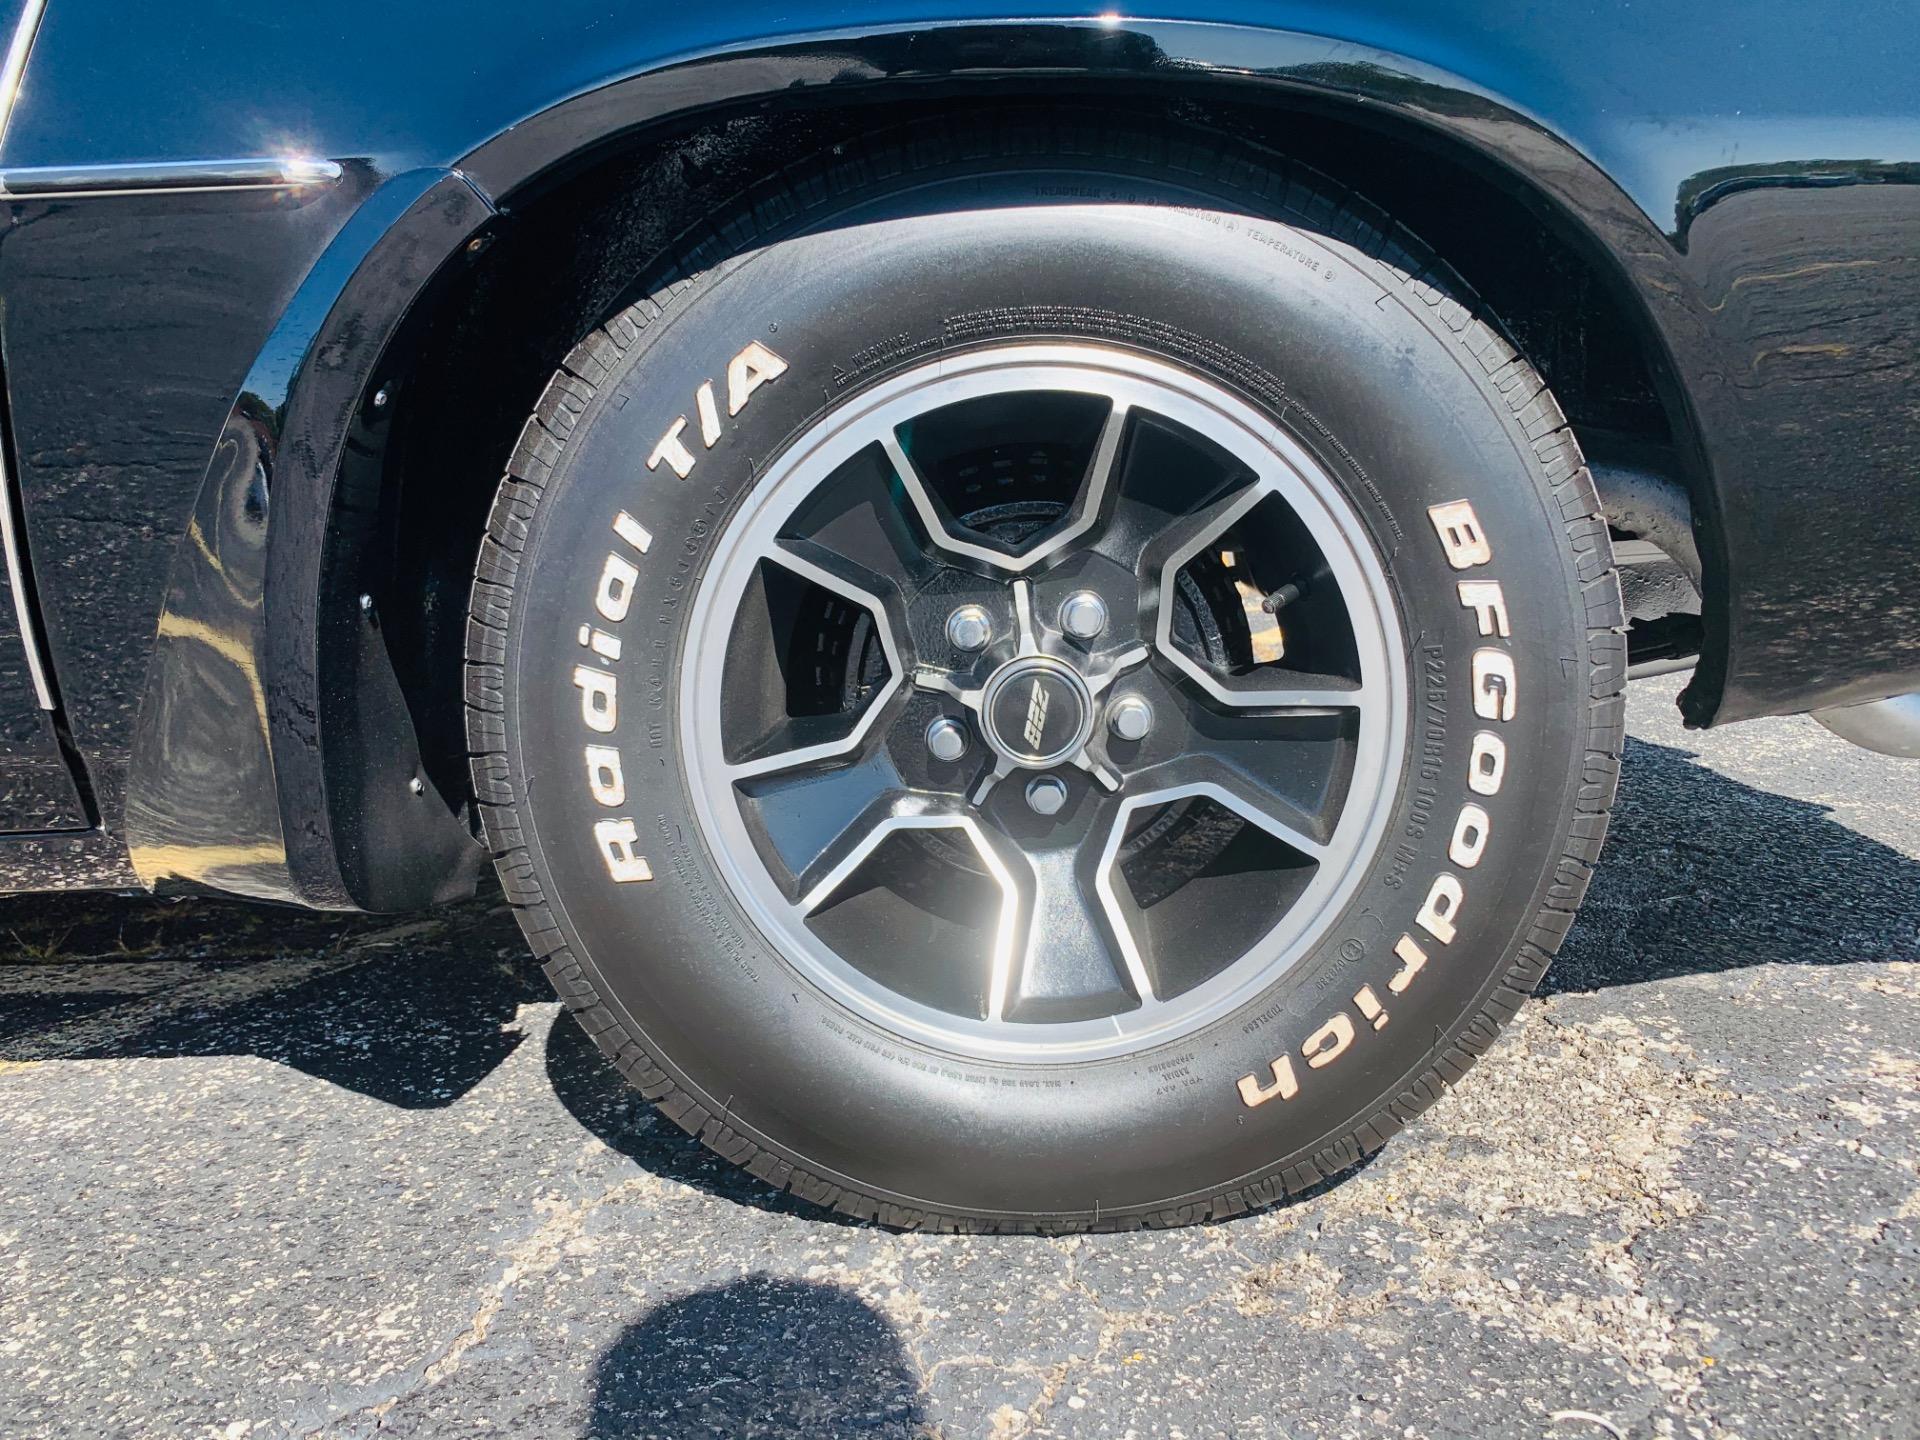 Used 1980 Chevrolet Camaro - Z/28 - VERY LOW MILES - SHOW QUALITY - | Mundelein, IL